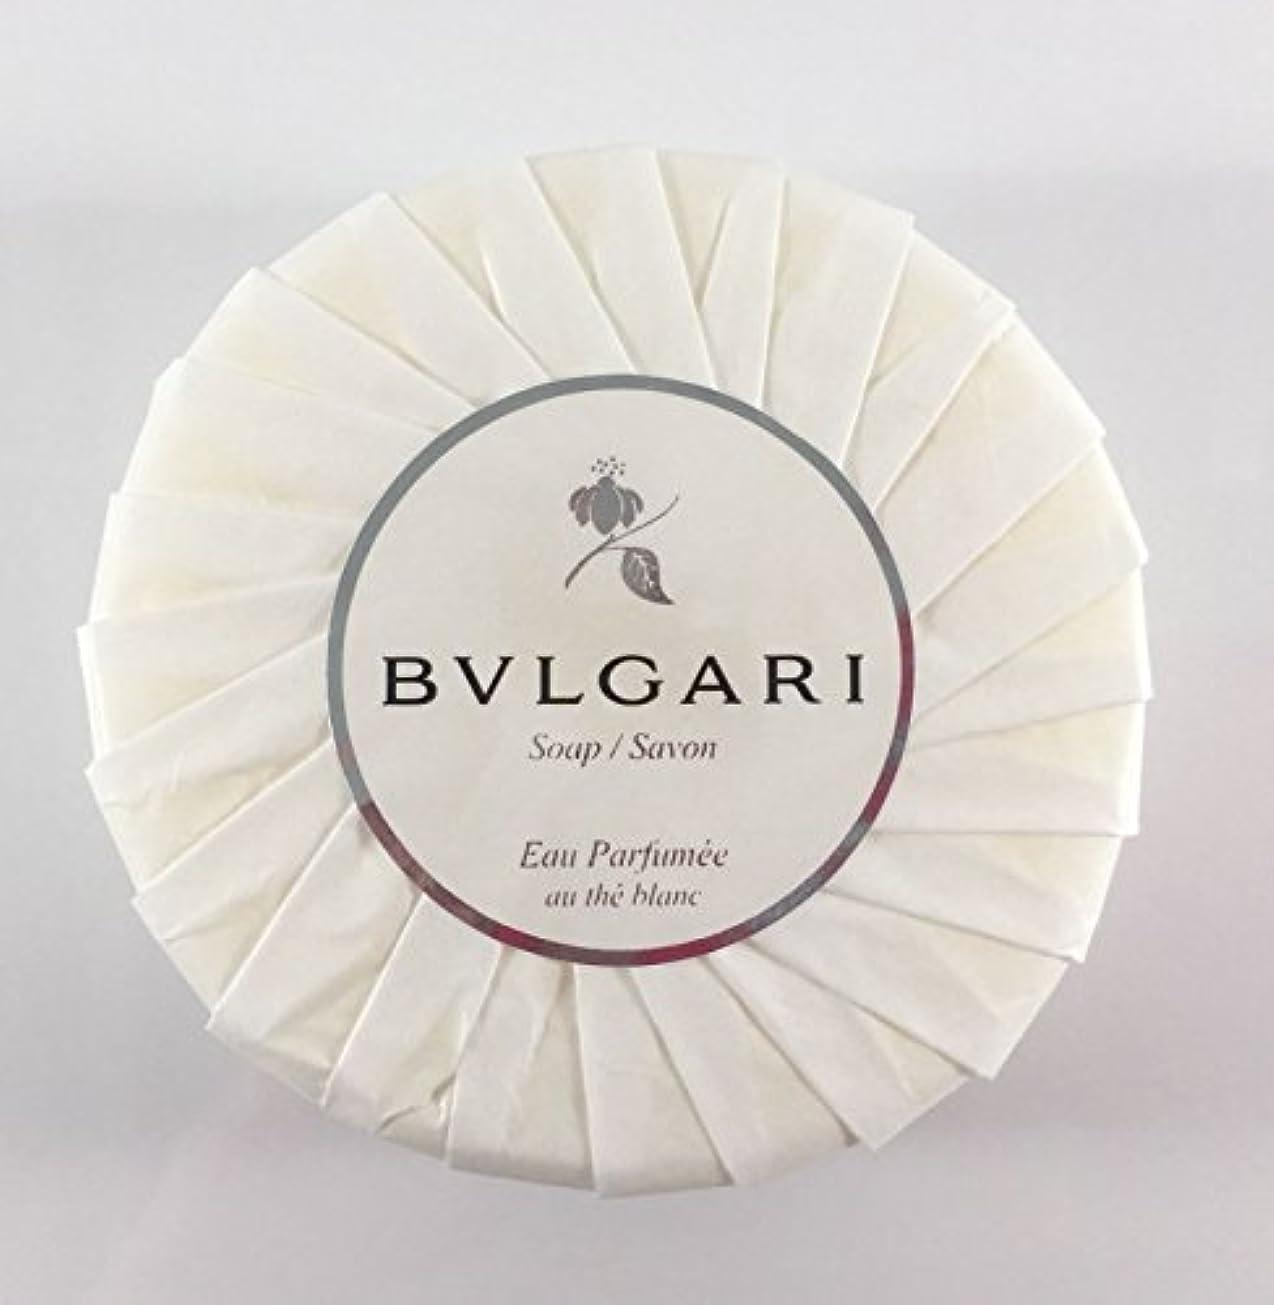 誤増強するアーサーコナンドイルブルガリ オ?パフメ オーテブラン デラックスソープ150g BVLGARI Bvlgari Eau Parfumee au the blanc White Soap